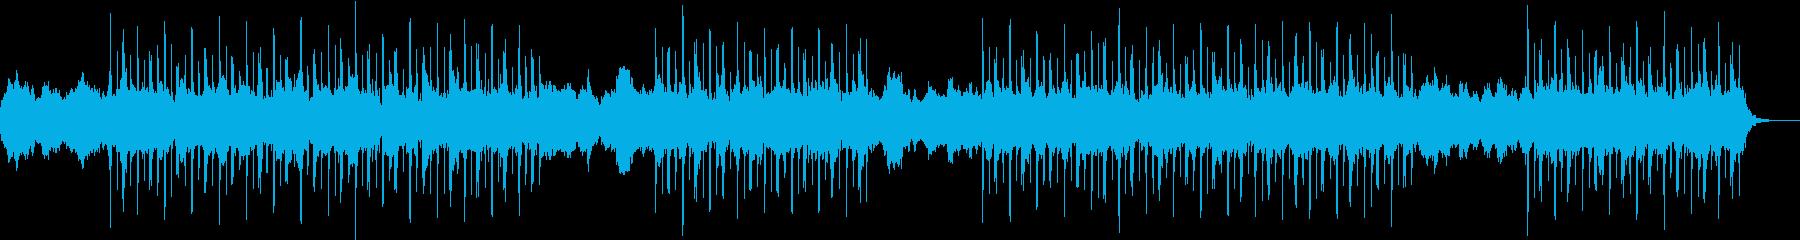 スローで暖かいチルアウトの再生済みの波形